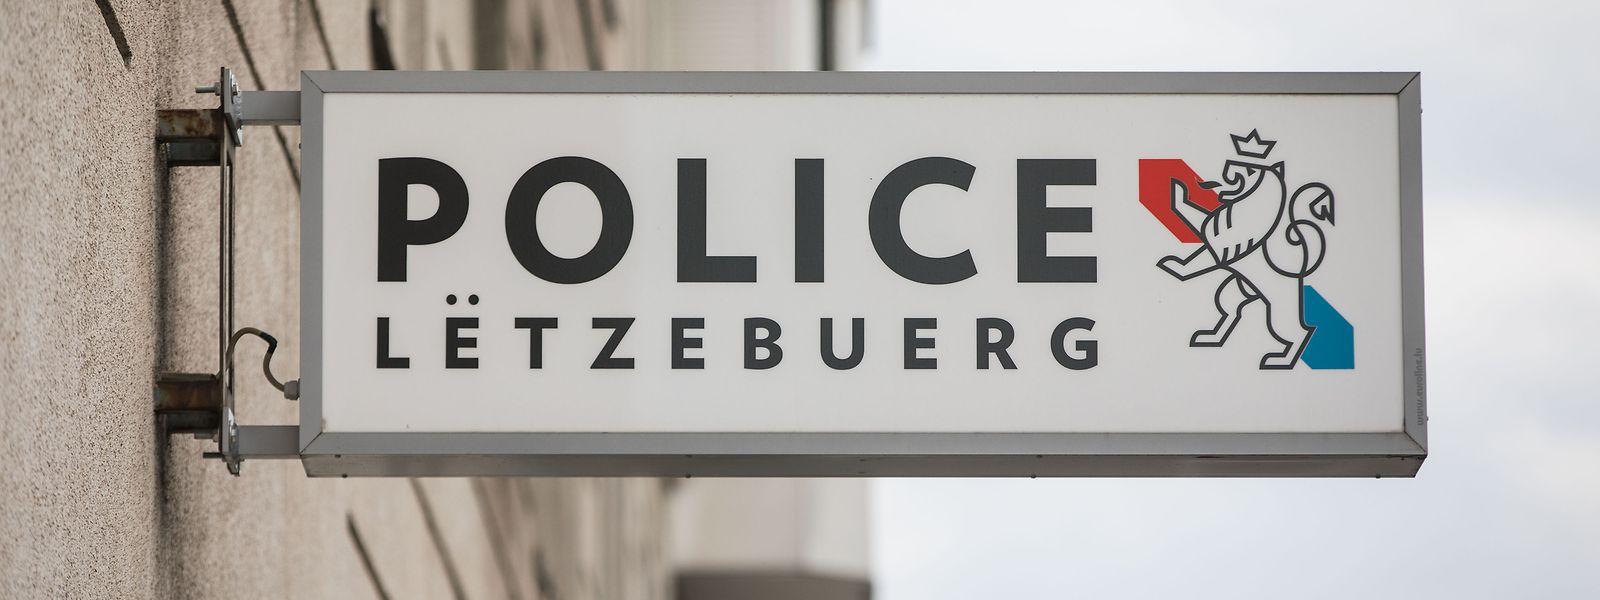 Die Polizei musste in Tandel einen aggressiven Autofahrer bändigen.